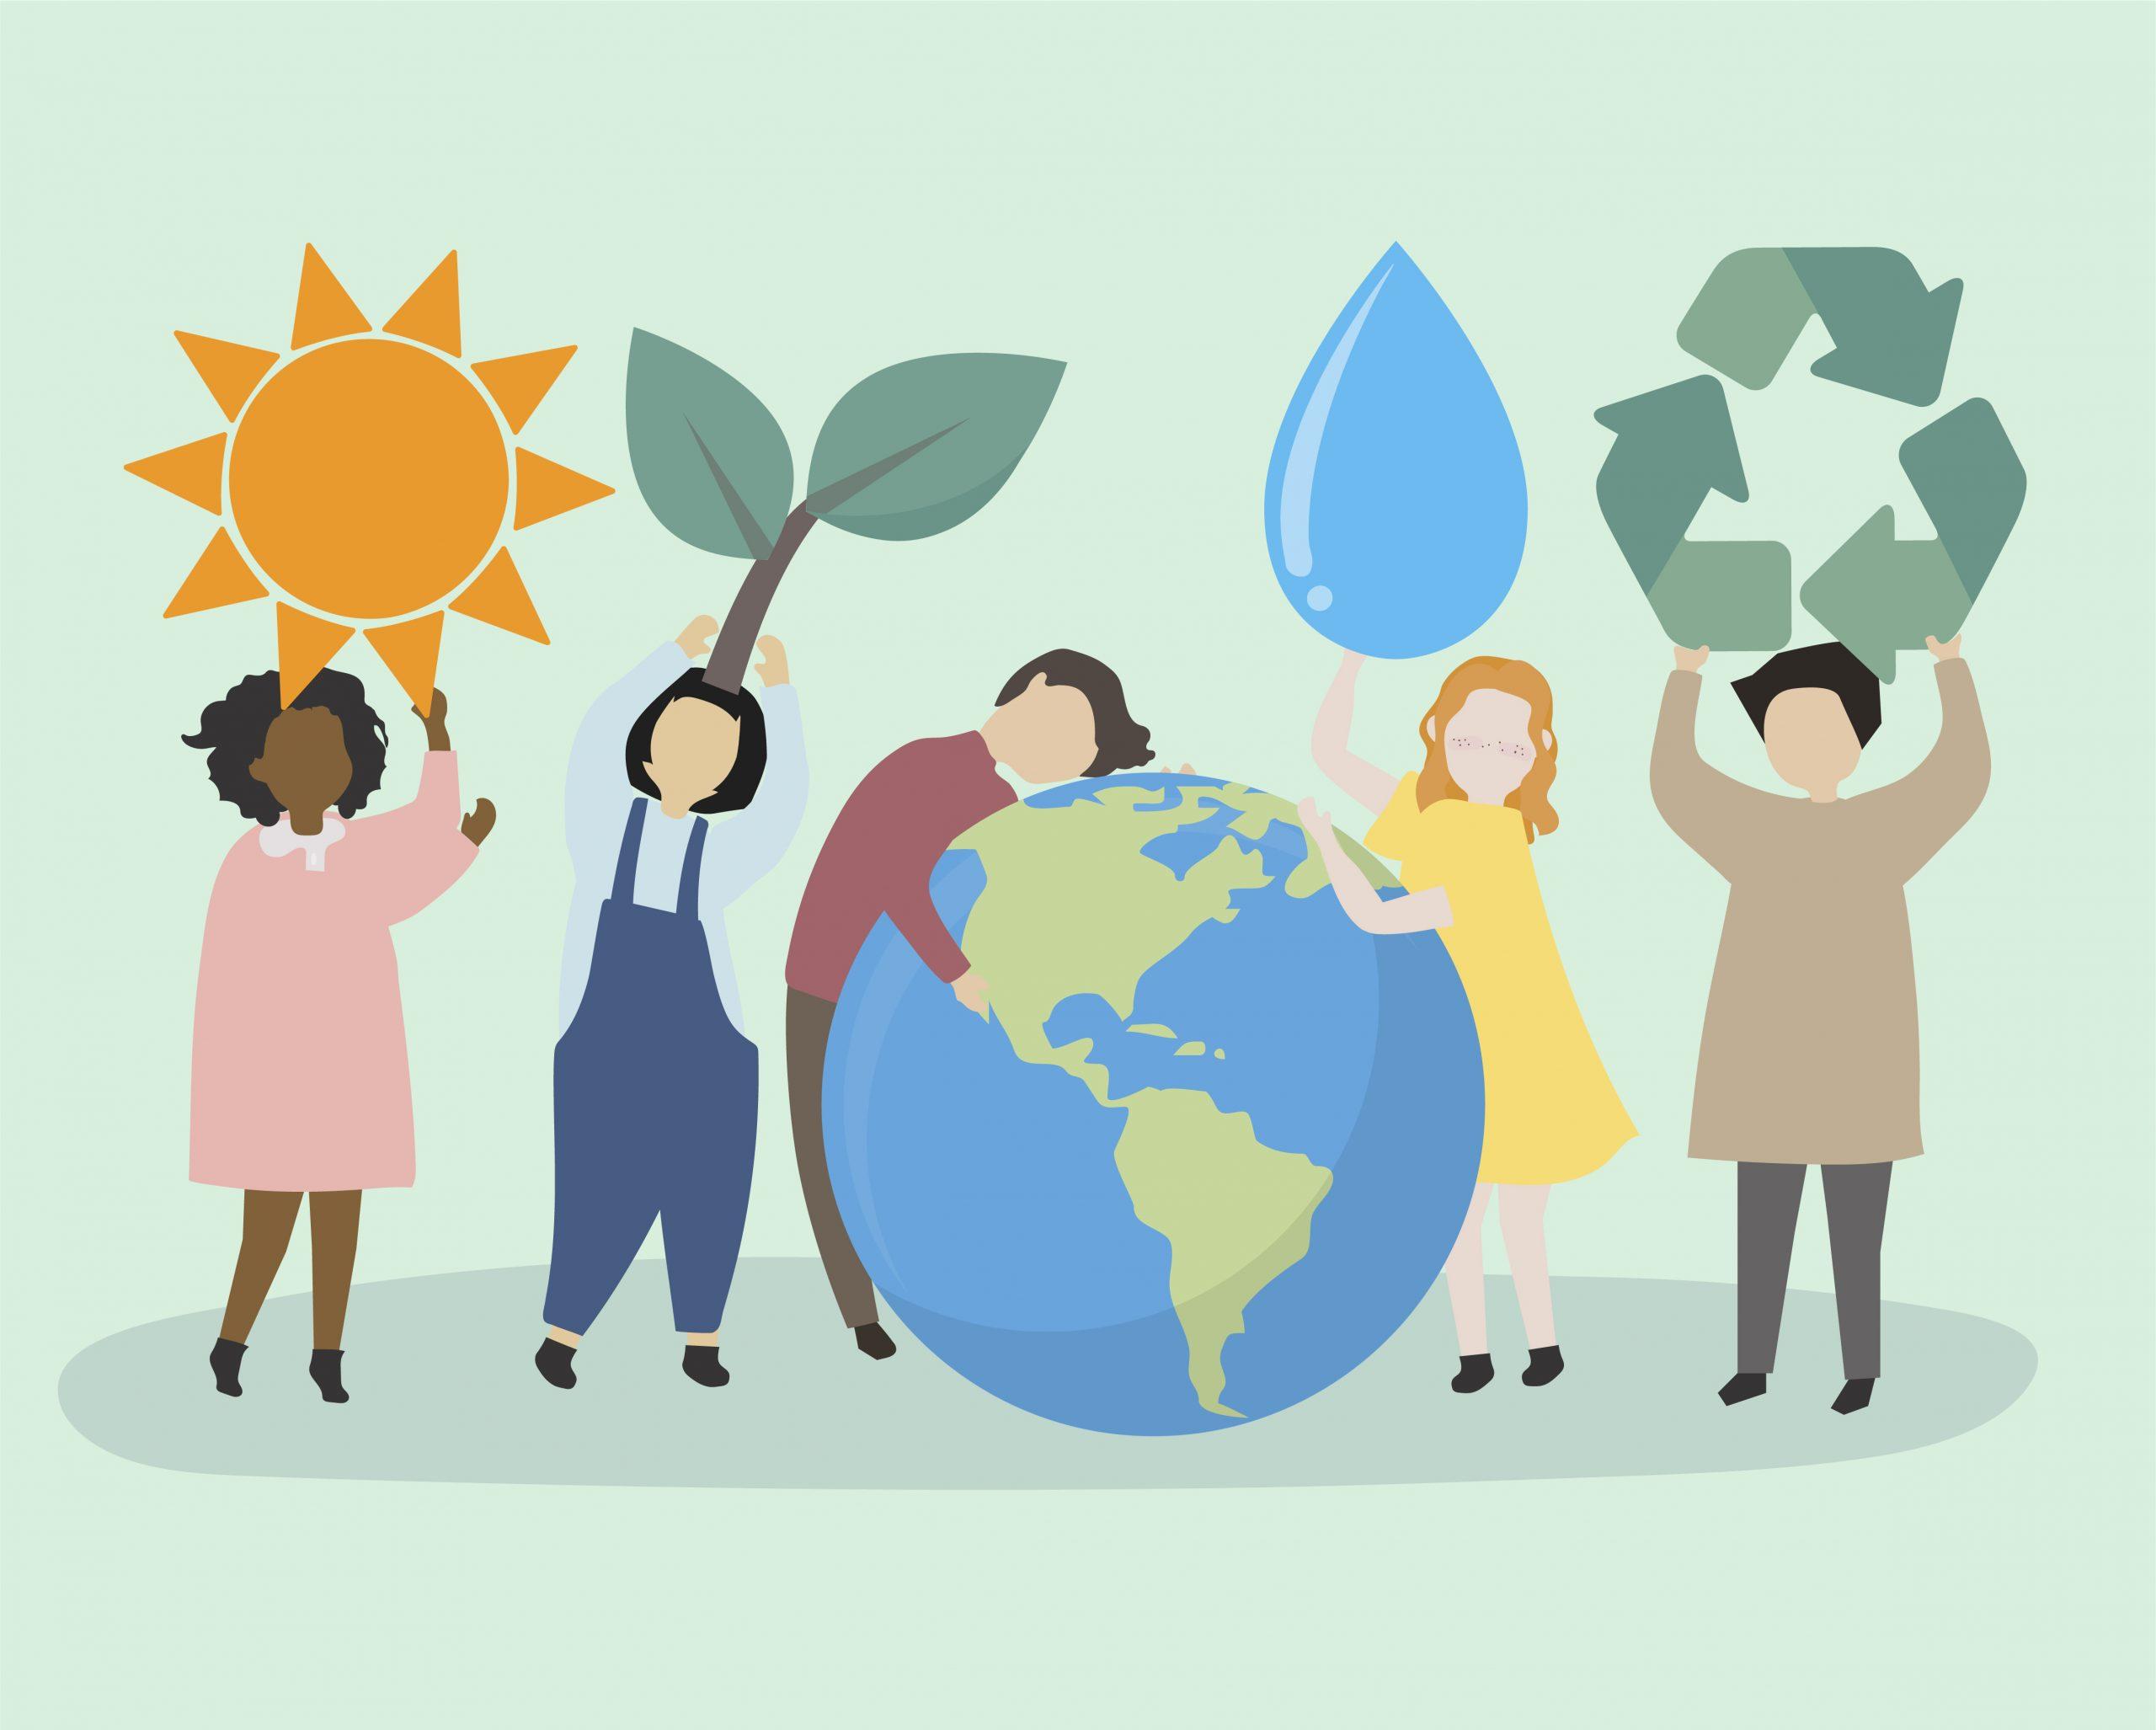 Este martes, 26 de enero, se celebra el Día Mundial de la Educación Ambiental, una conmemoración que pretende concienciar sobre la importancia de proteger nuestro medioambiente, así como destacar la labor que realizan educadores y profesionales del sector para combatir el cambio climático.